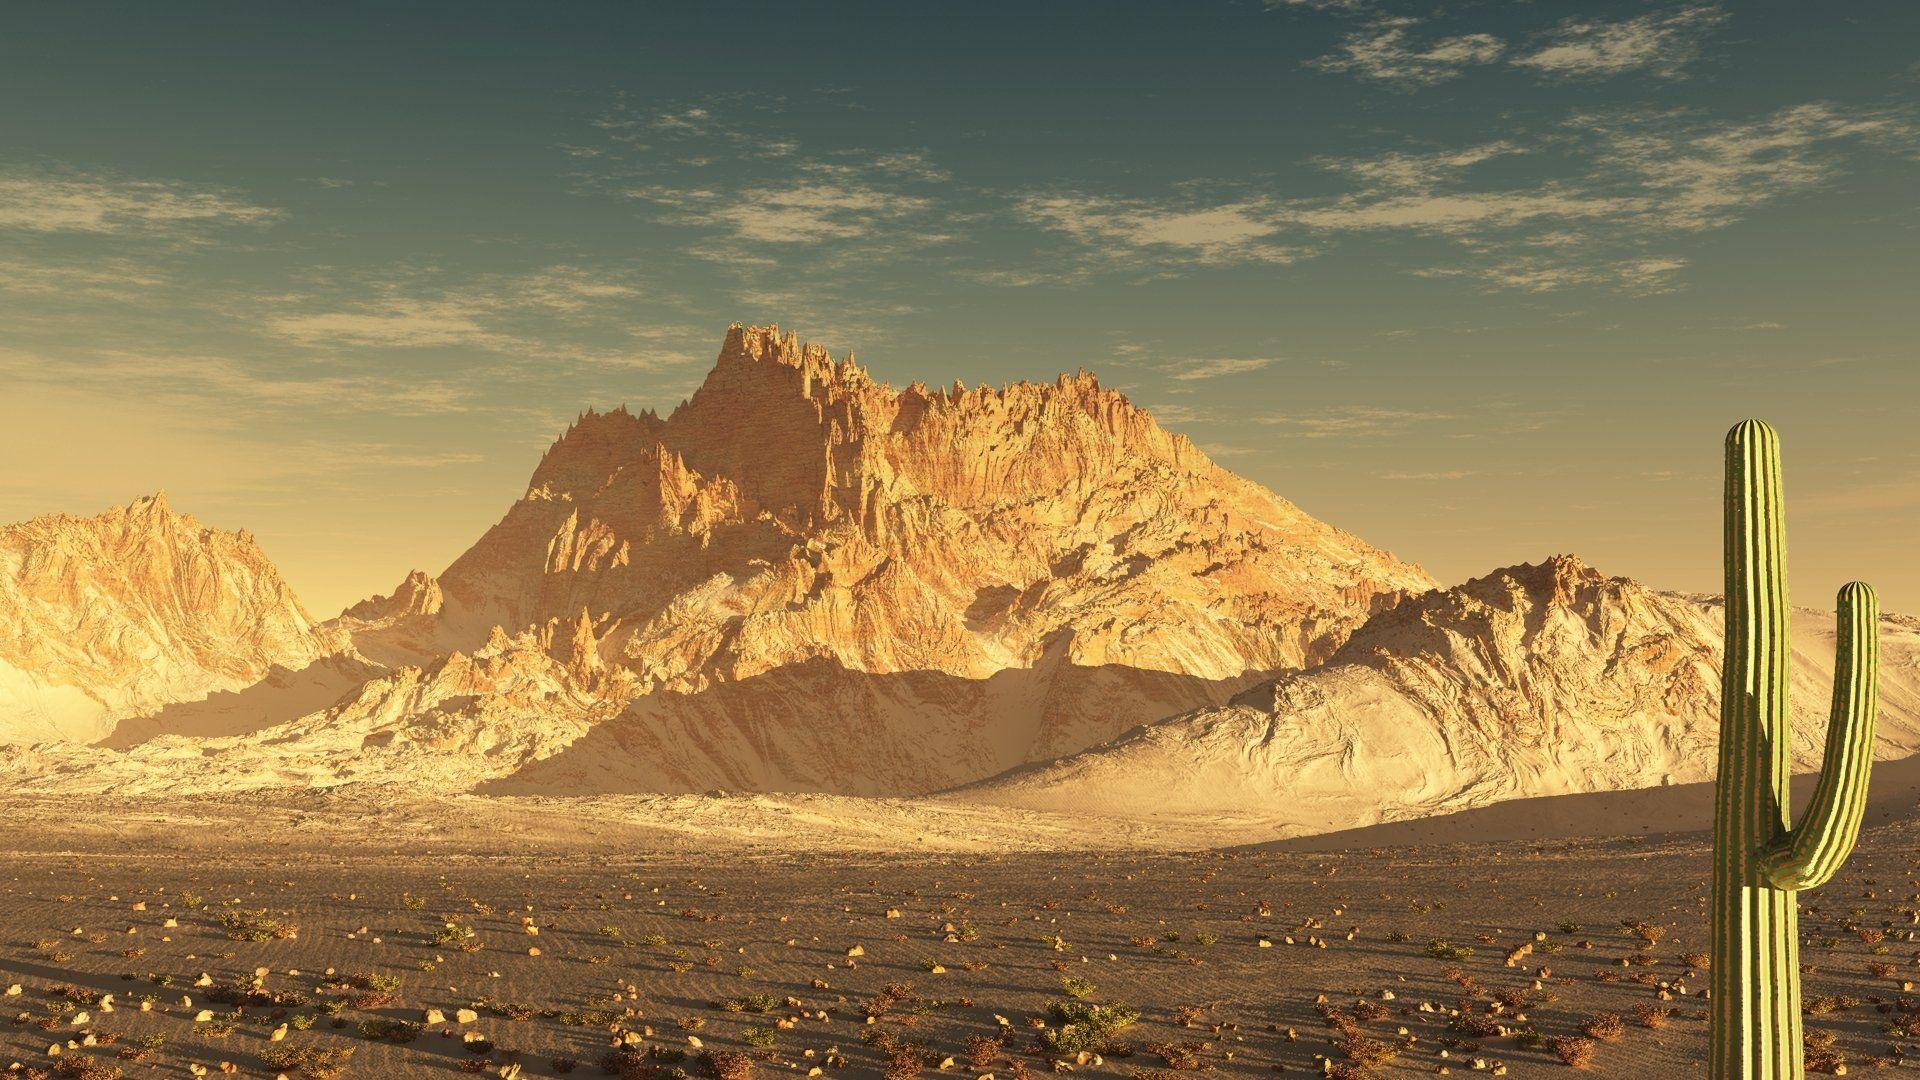 Desert Foothills Landscape desktop background free